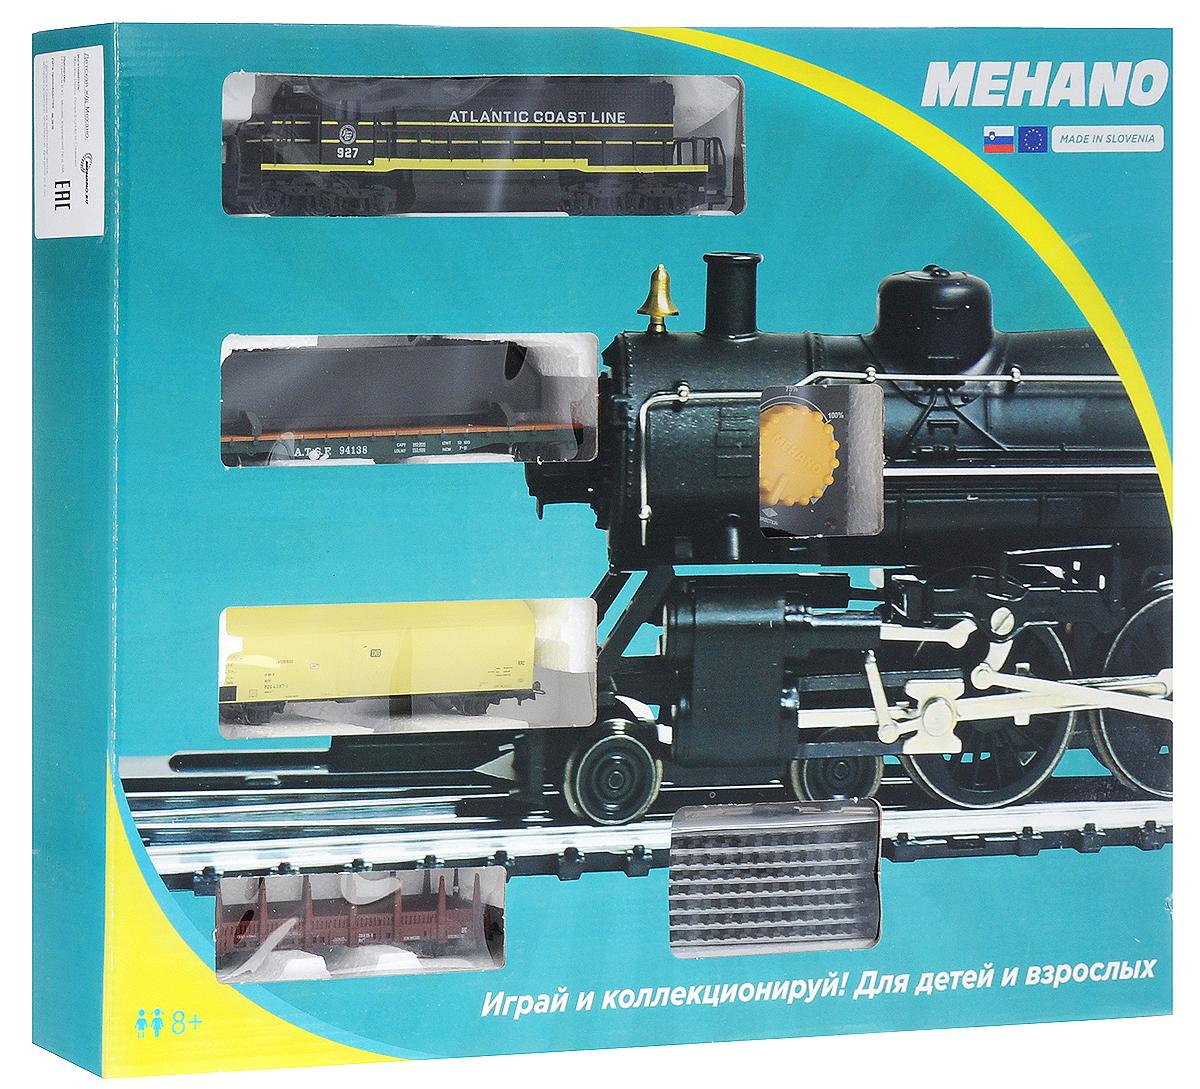 Mehano Железная дорога Hobby с тепловозом Atlantic Coast Line 927